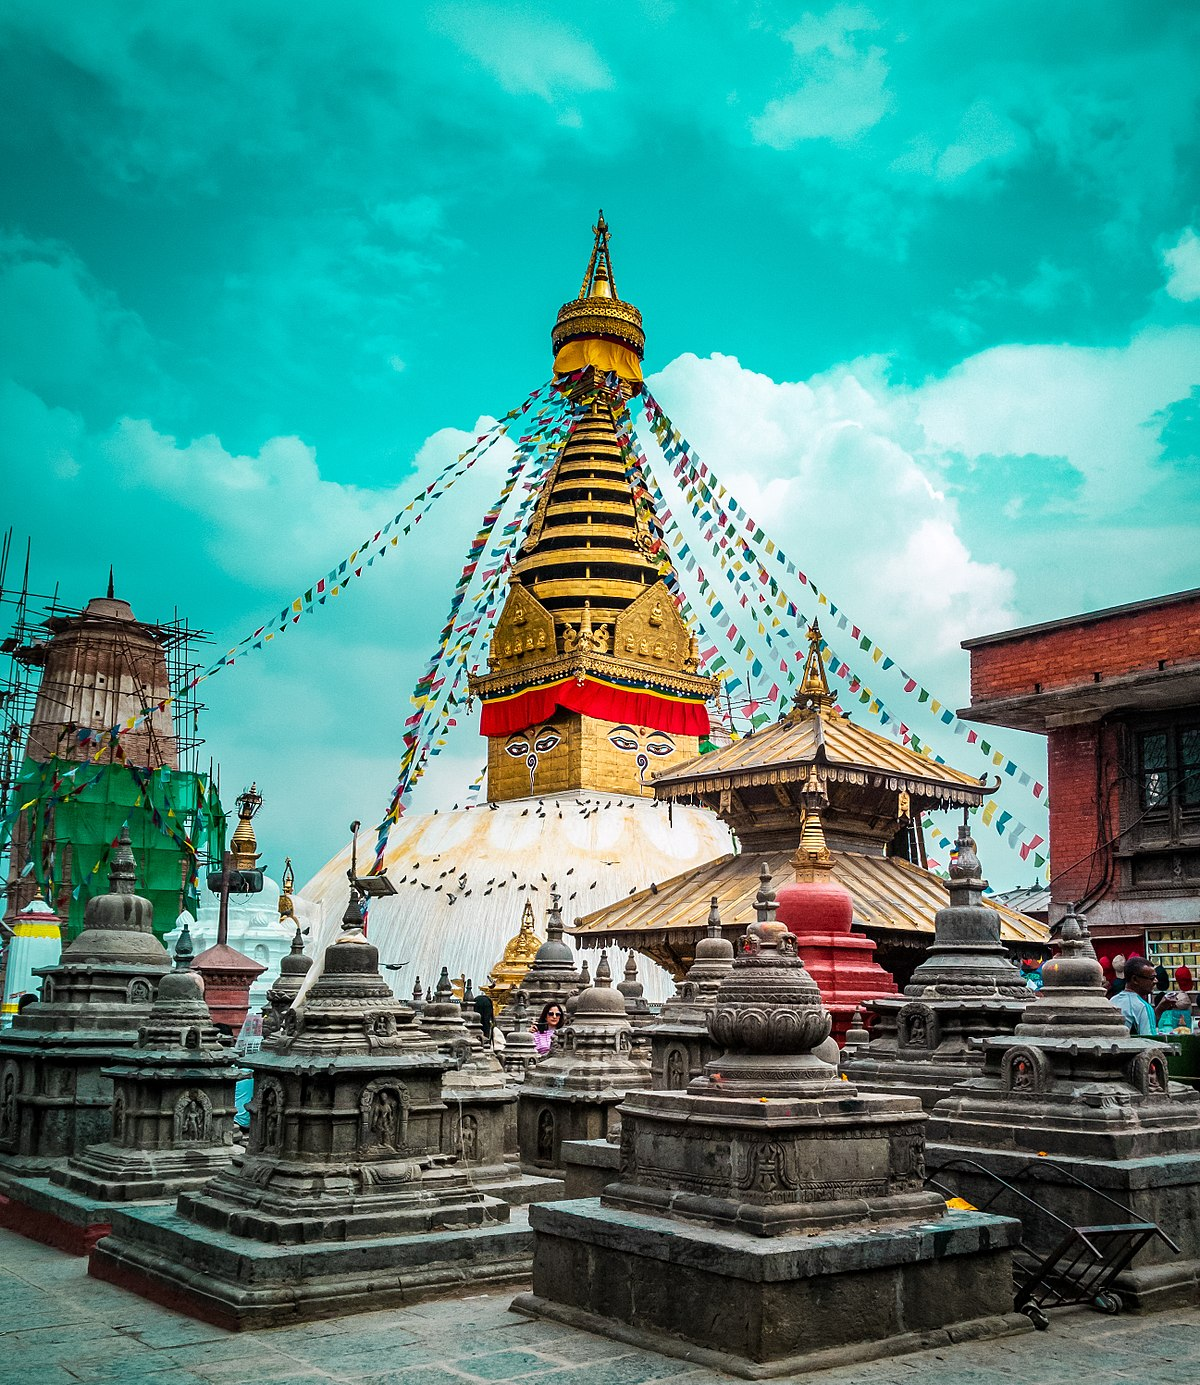 Information Of Swayambhunath In Nepal, Check Out Information Of Swayambhunath In Nepal : CnTRAVEL